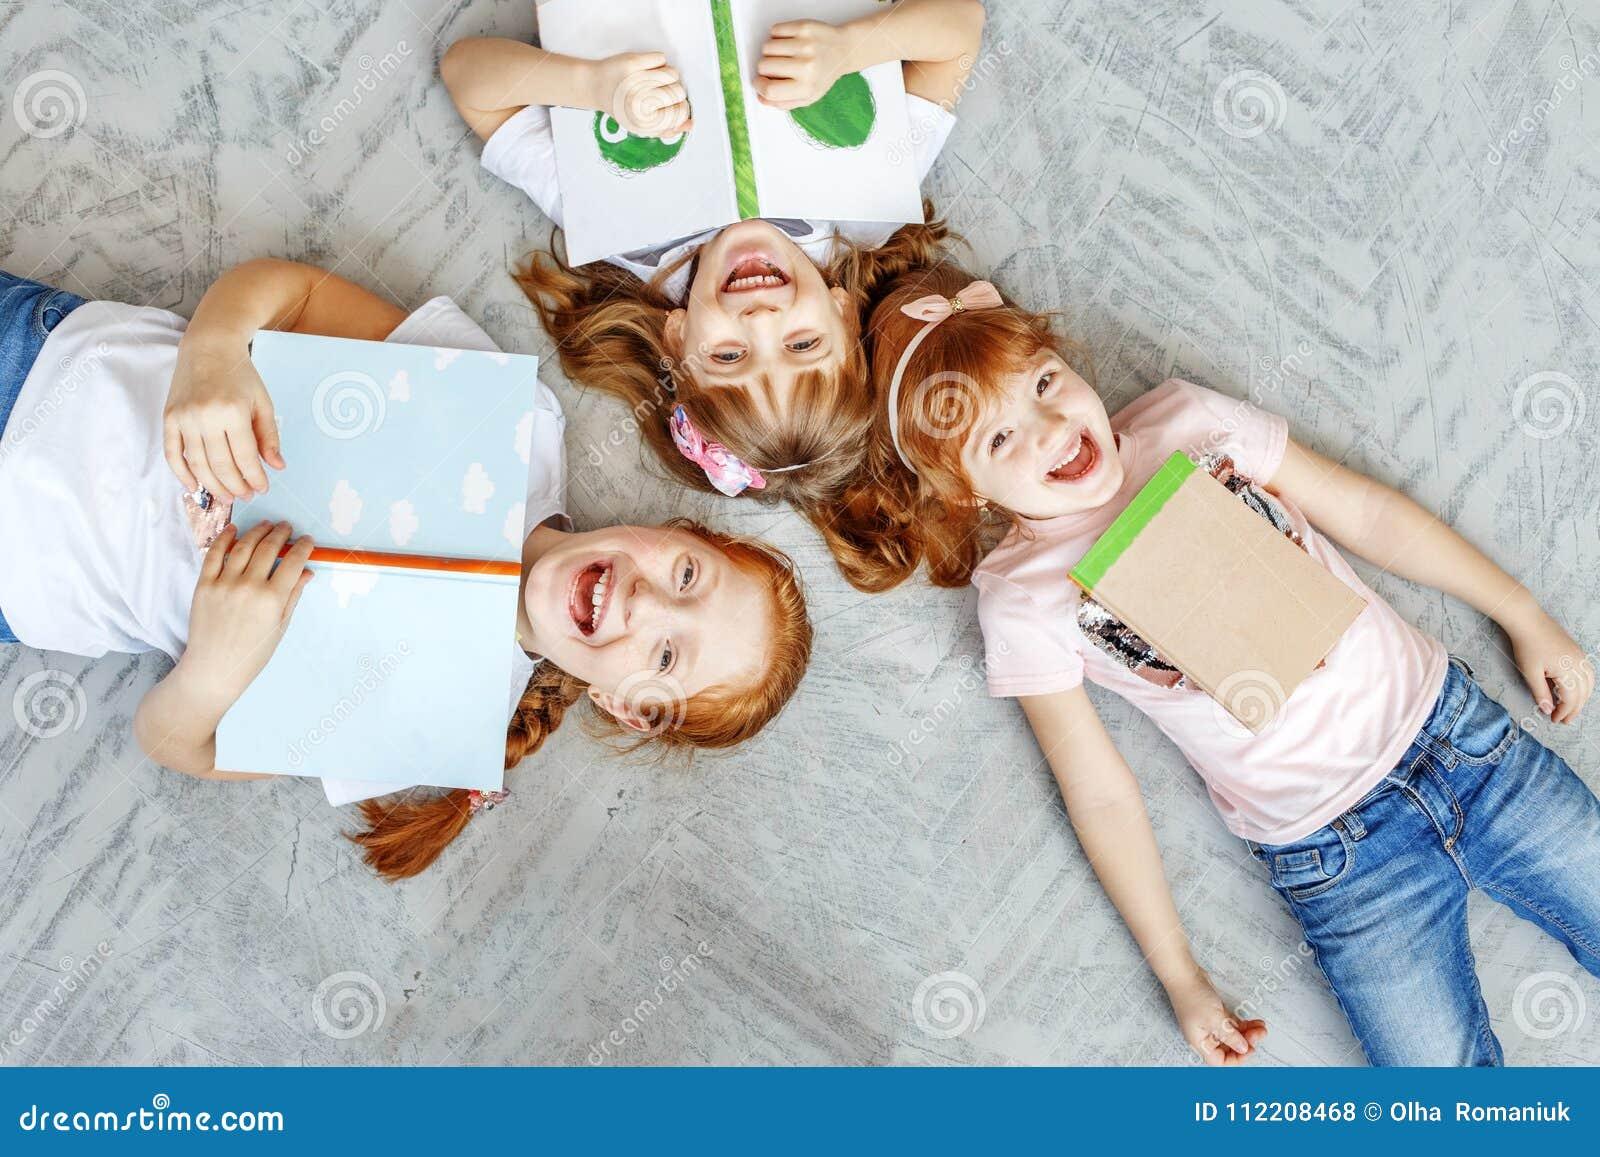 Τρία ευτυχή παιδιά βρίσκονται στο πάτωμα και διαβάζουν τα βιβλία Το concep